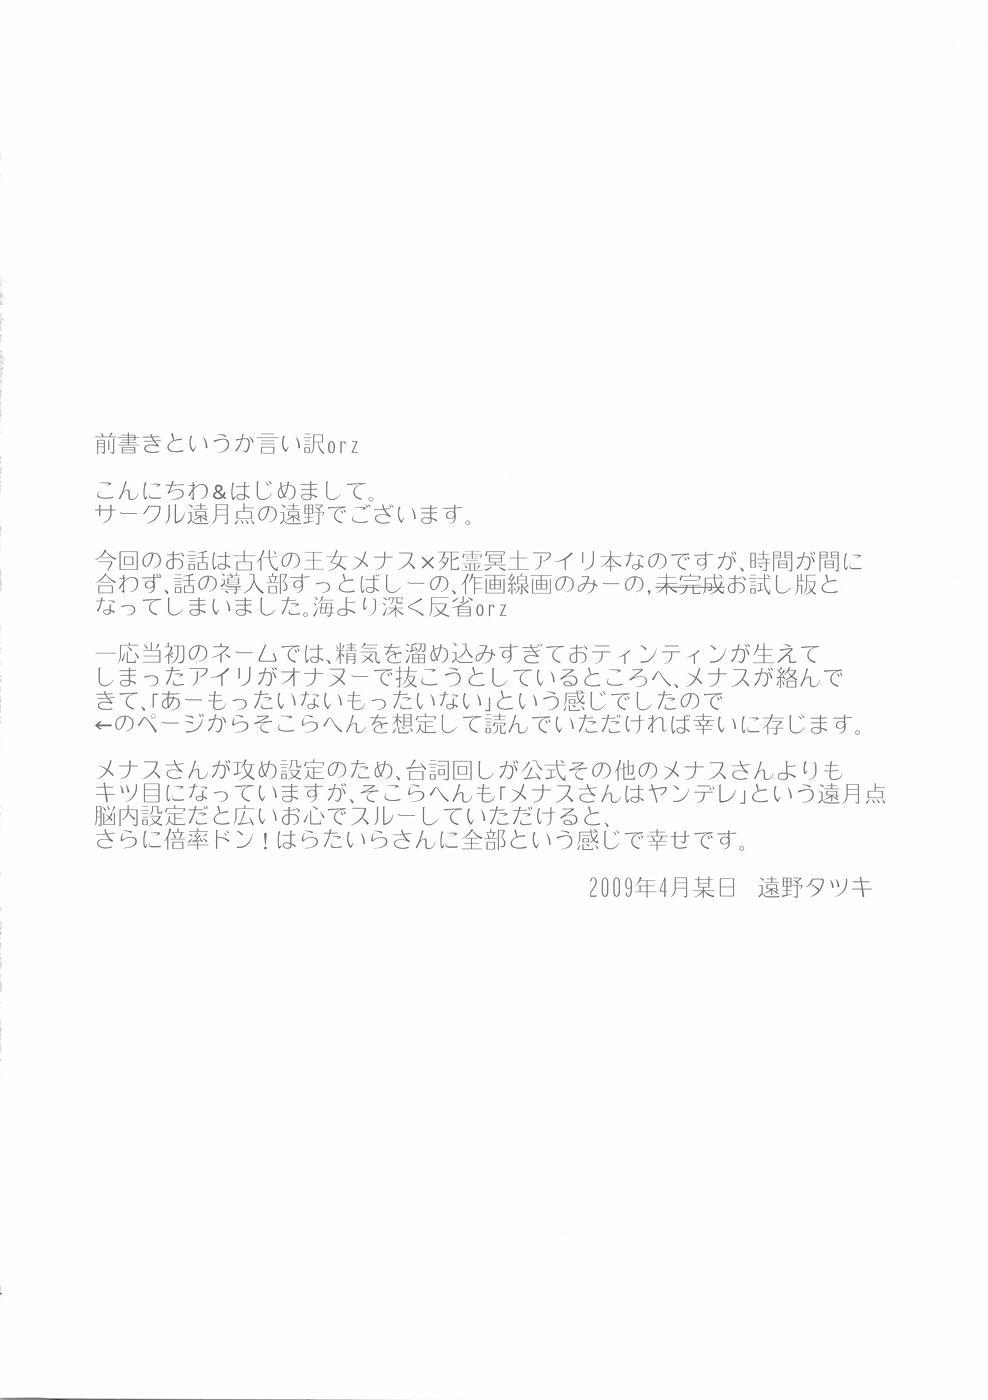 Shiryou Maid wa Kodai Oujo no Fella de Iku ka 3